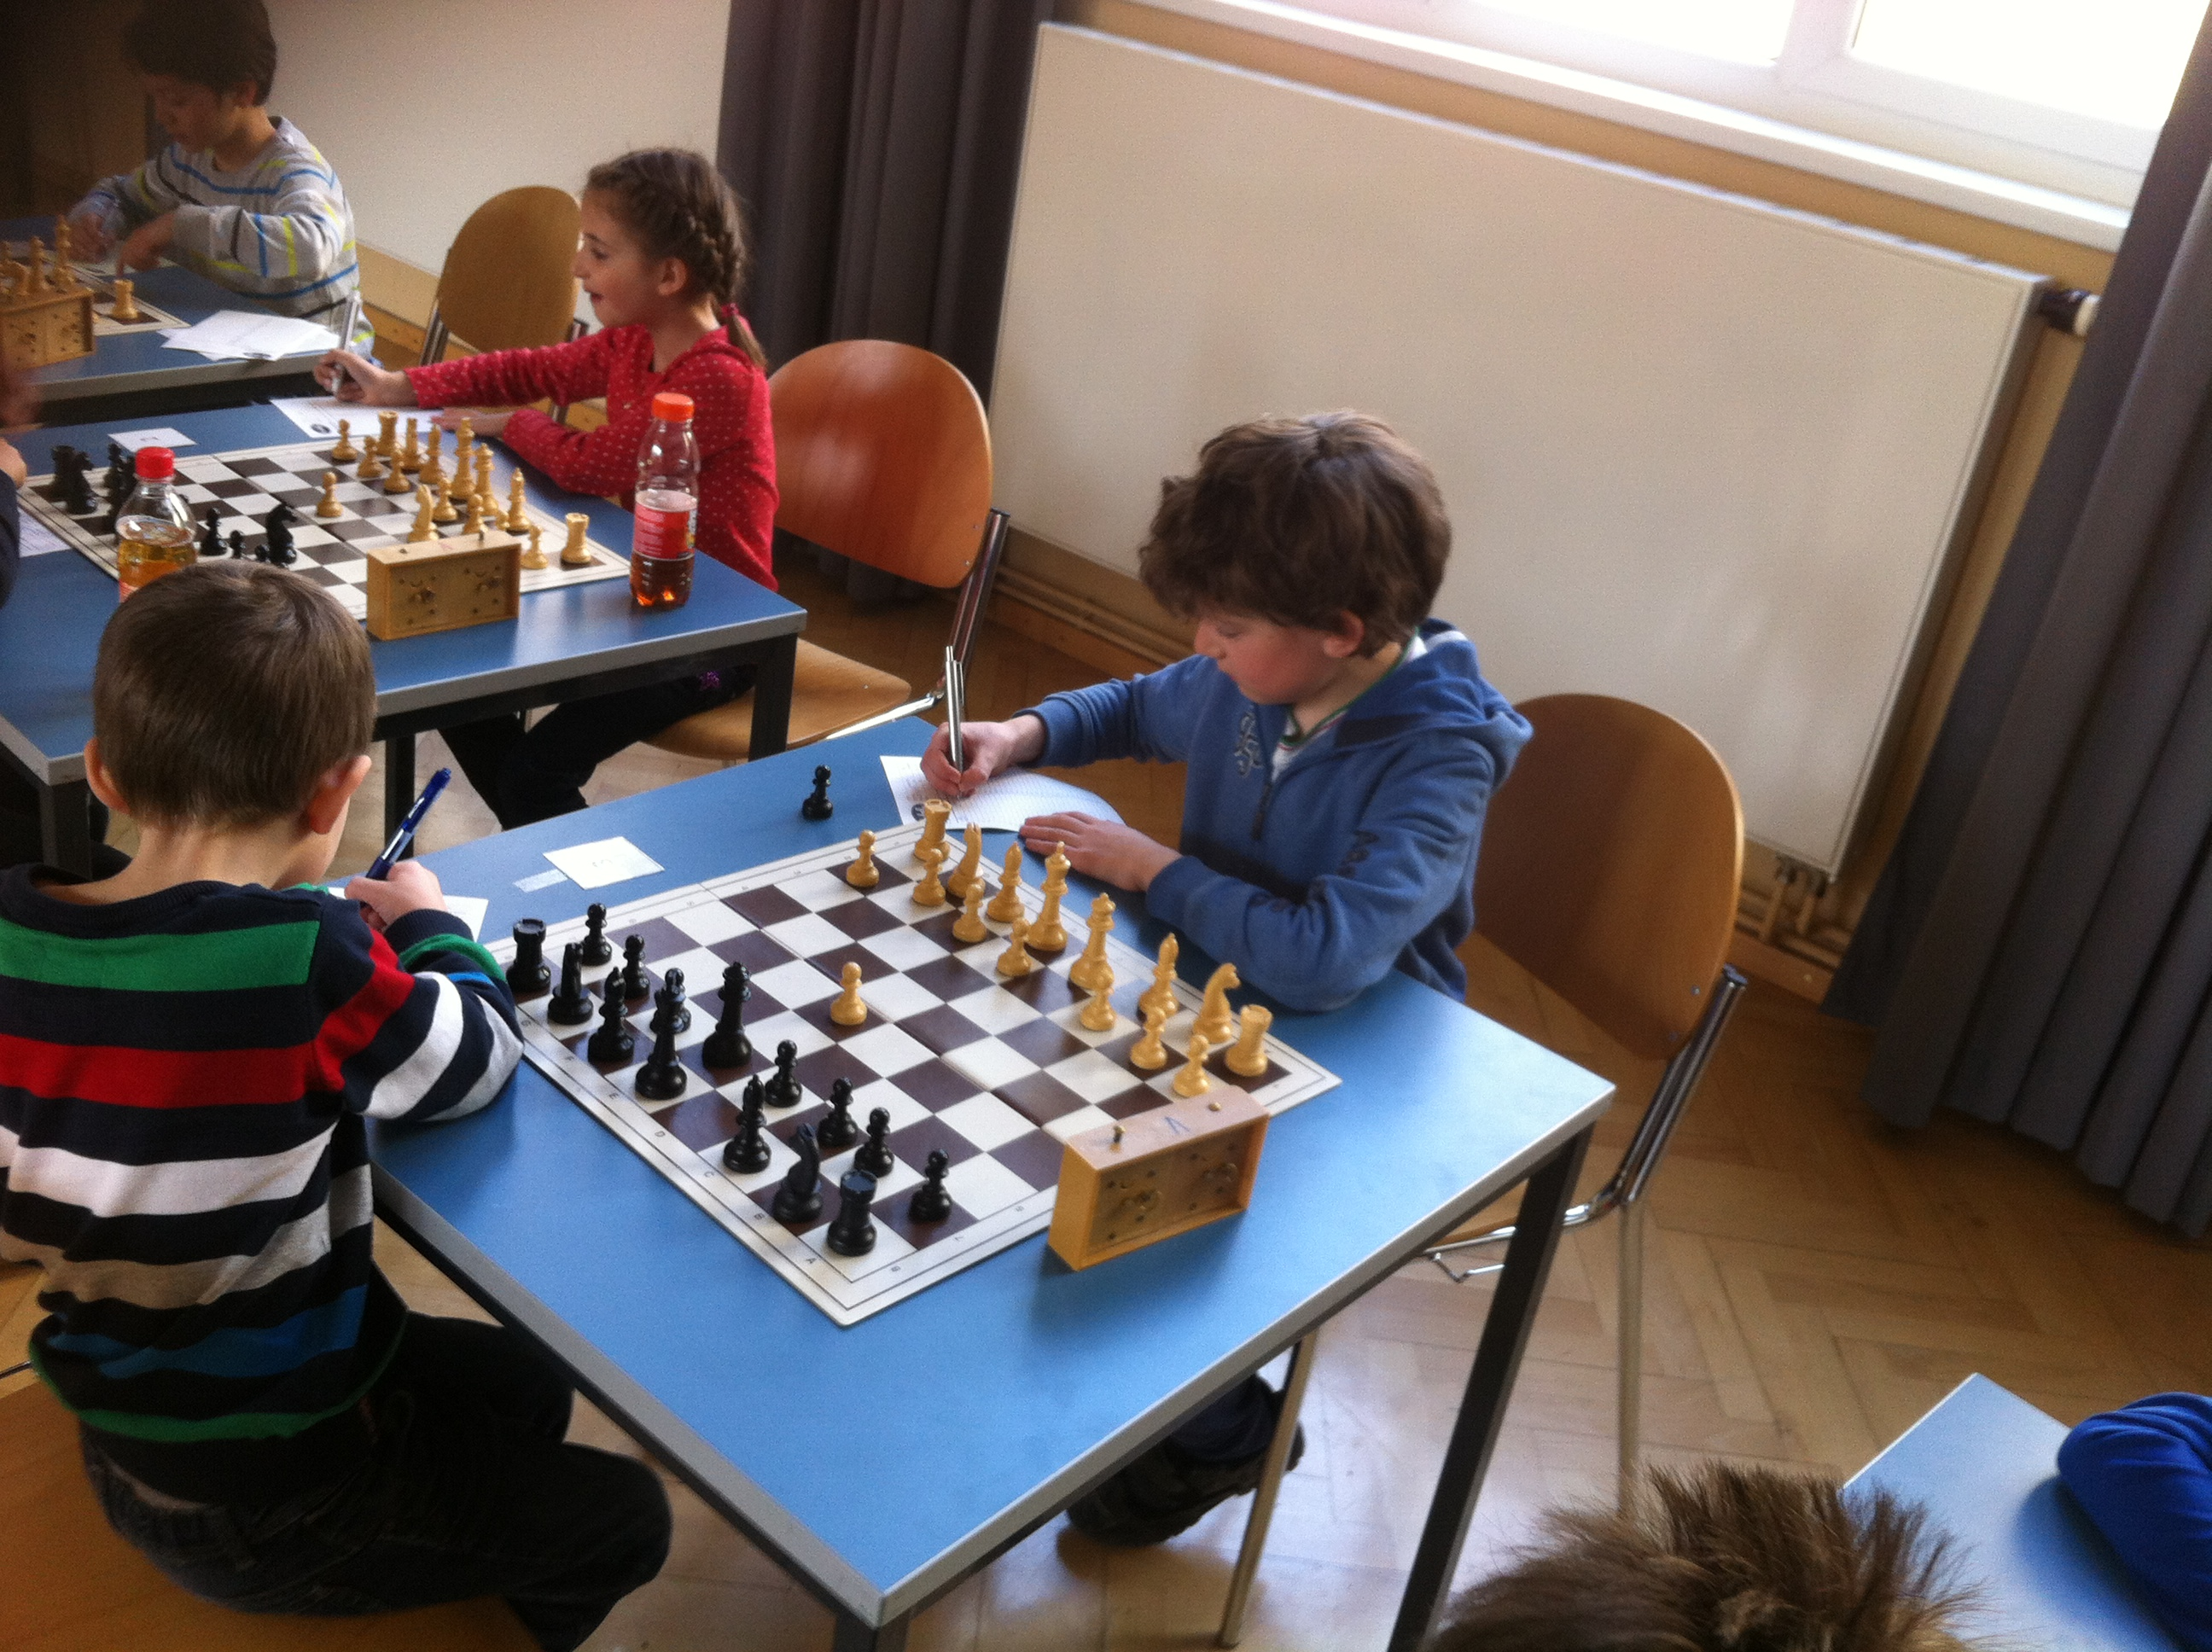 Tiroler Schachschüler triumphieren bei der Jugendschachrallye in Landeck